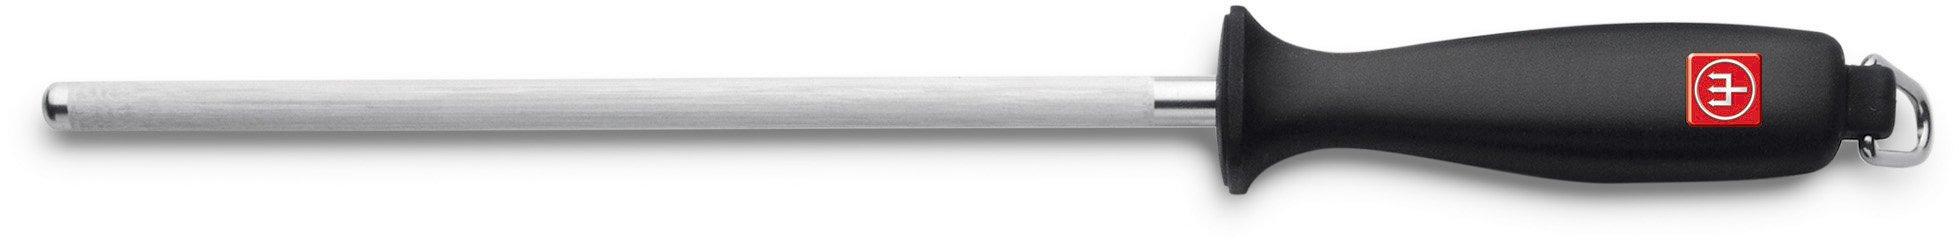 """Wusthof 9"""" Sharpening Steel with Loop 4463/23"""